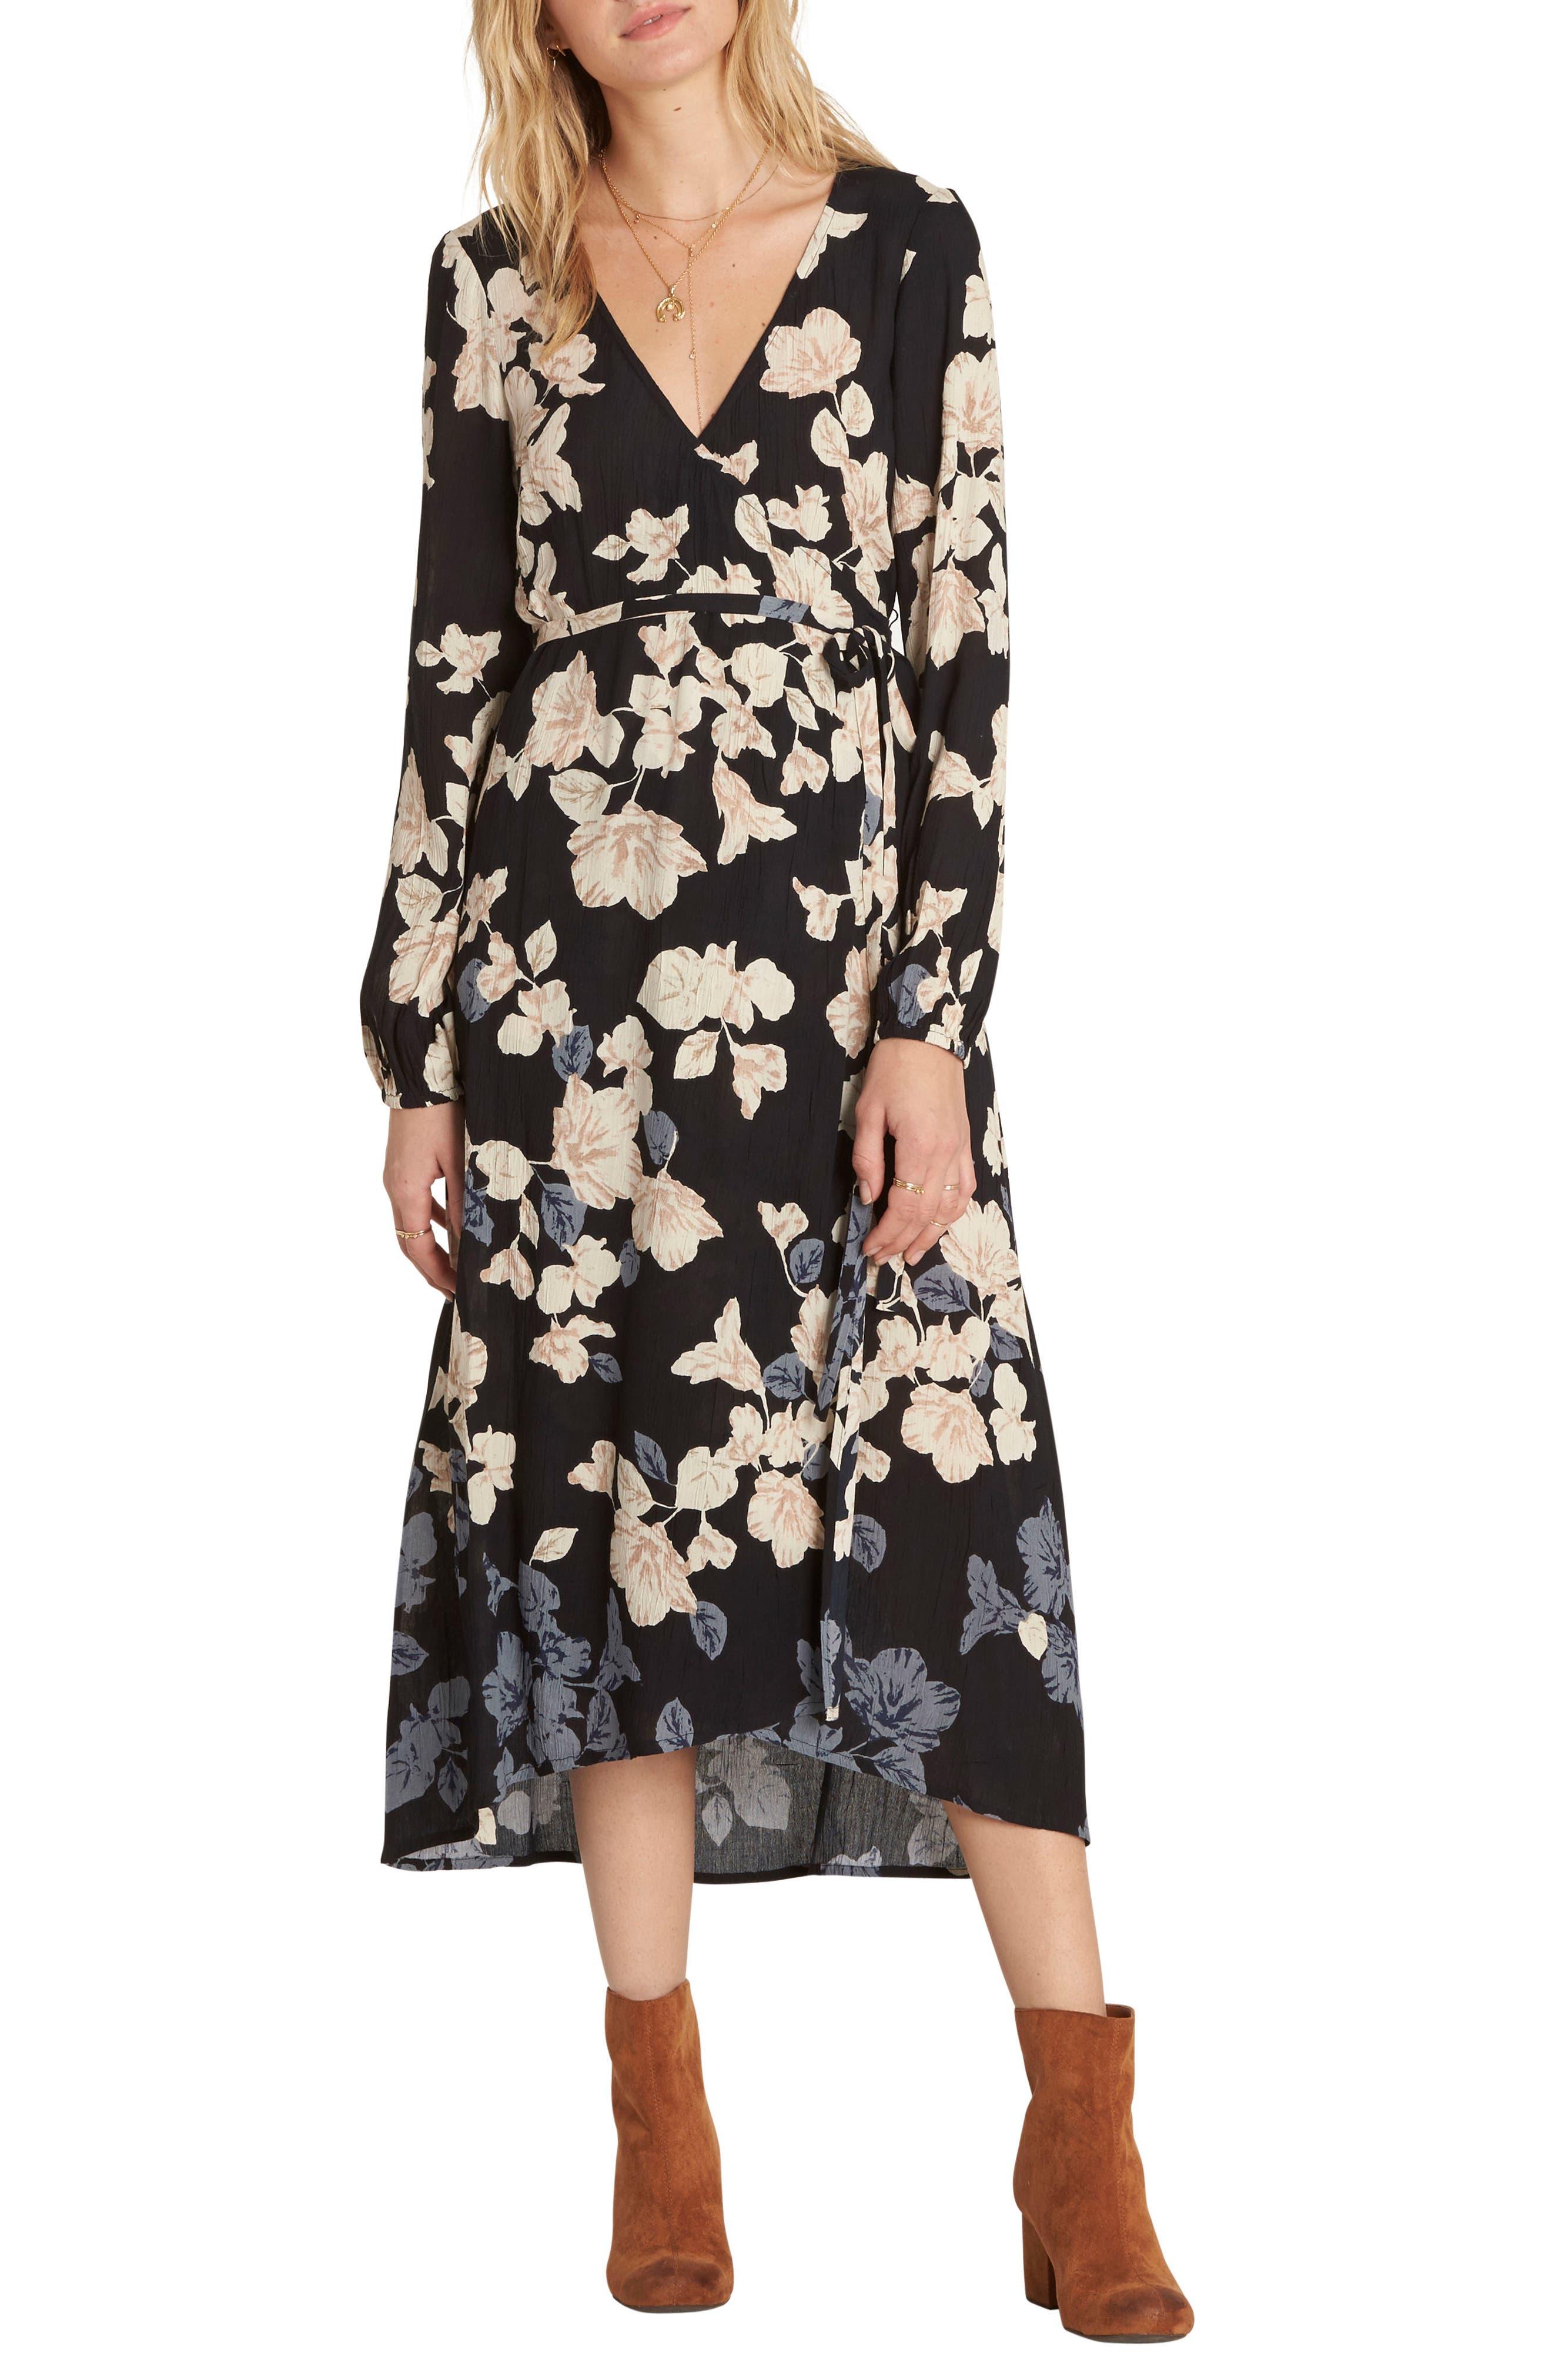 Floral Fever Midi Dress,                             Main thumbnail 1, color,                             Black